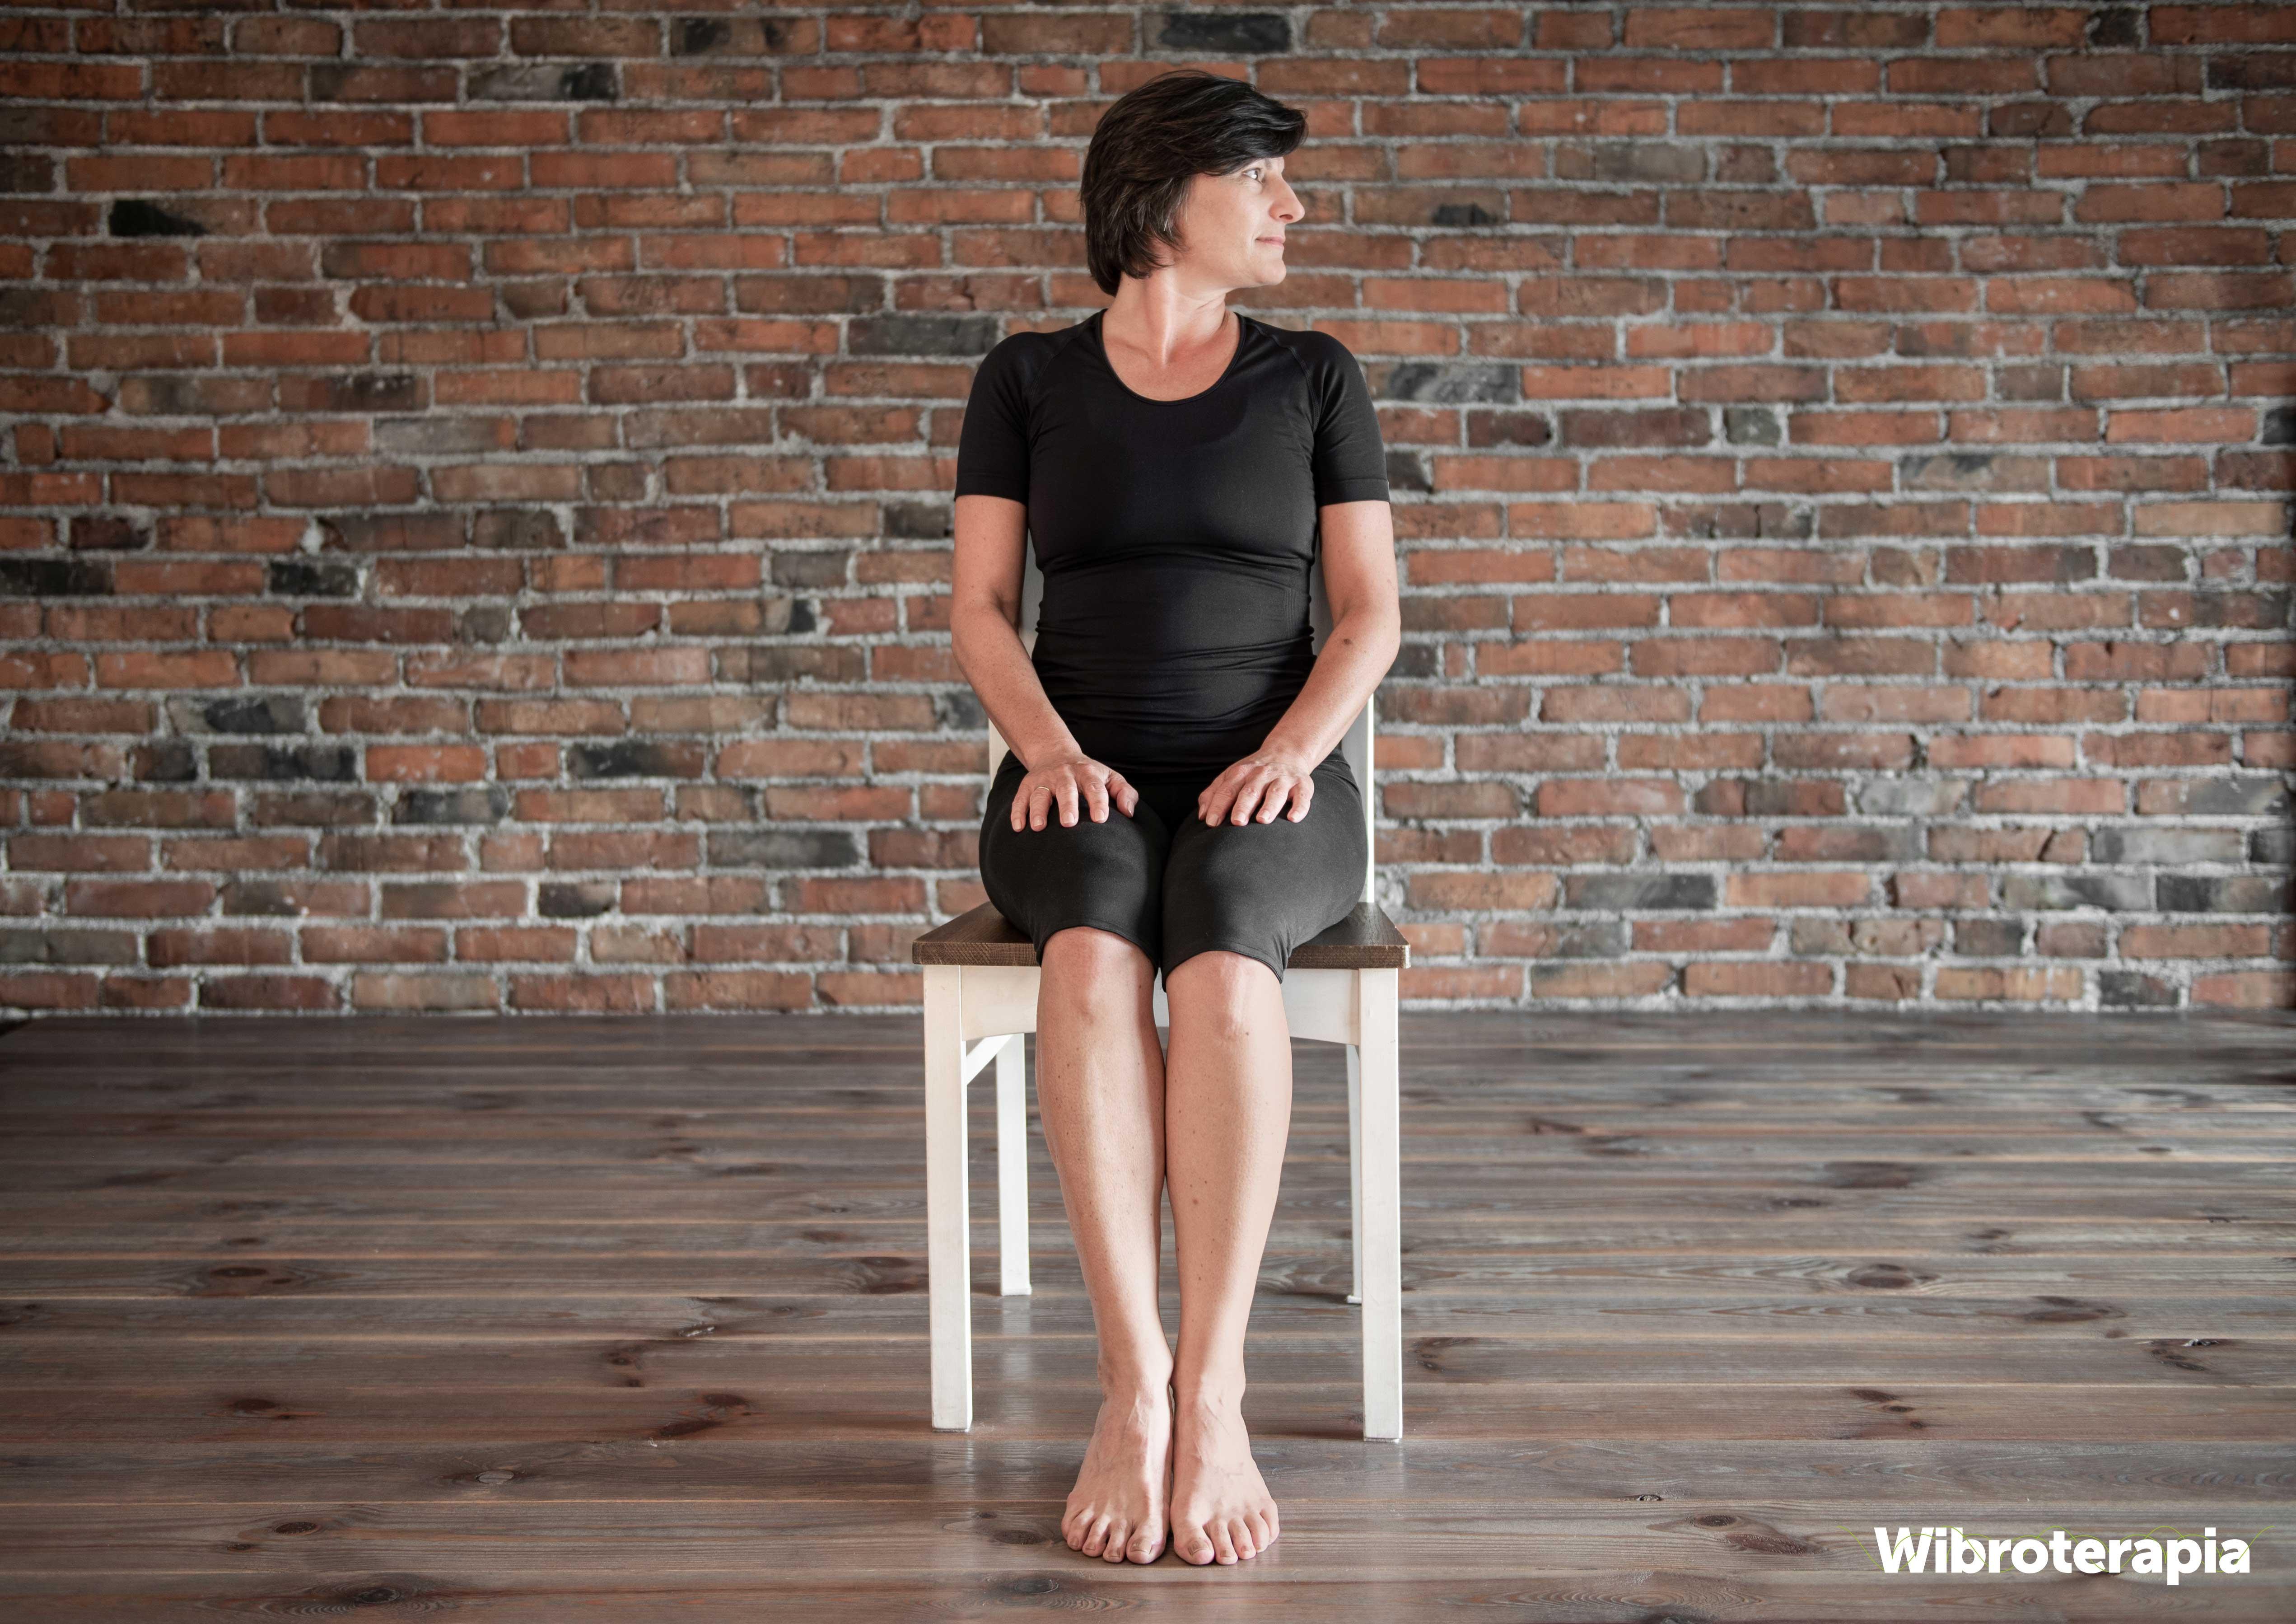 Ćwiczenia na ból szyi i karku - skręcanie głowy w lewo